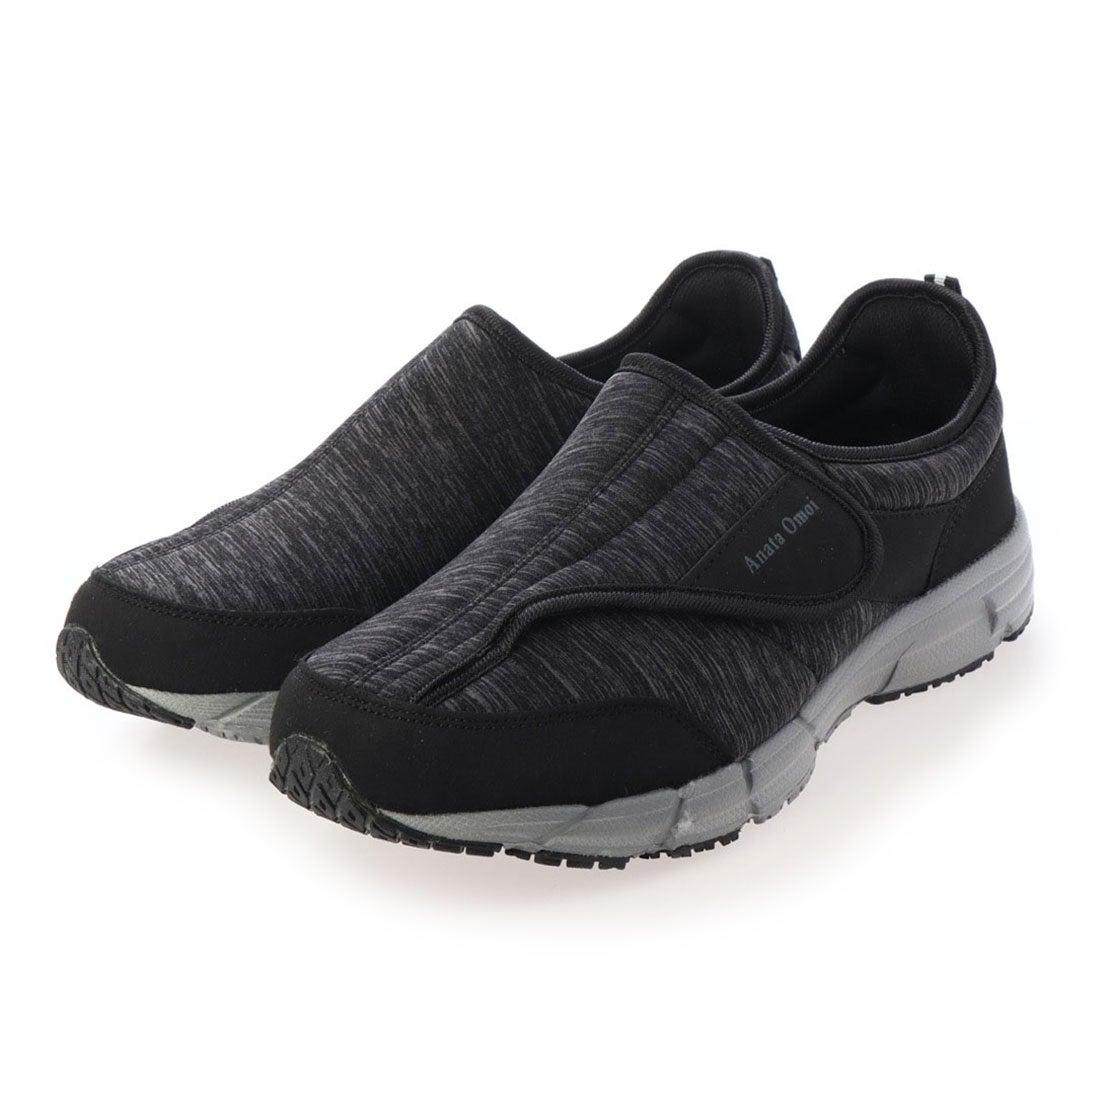 「新あなた想い」 介護シューズ メンズ 室内 幅広 3E 4E 軽量靴 マジックテープ リハビリシューズ (BLACK) Bracciano セレクト